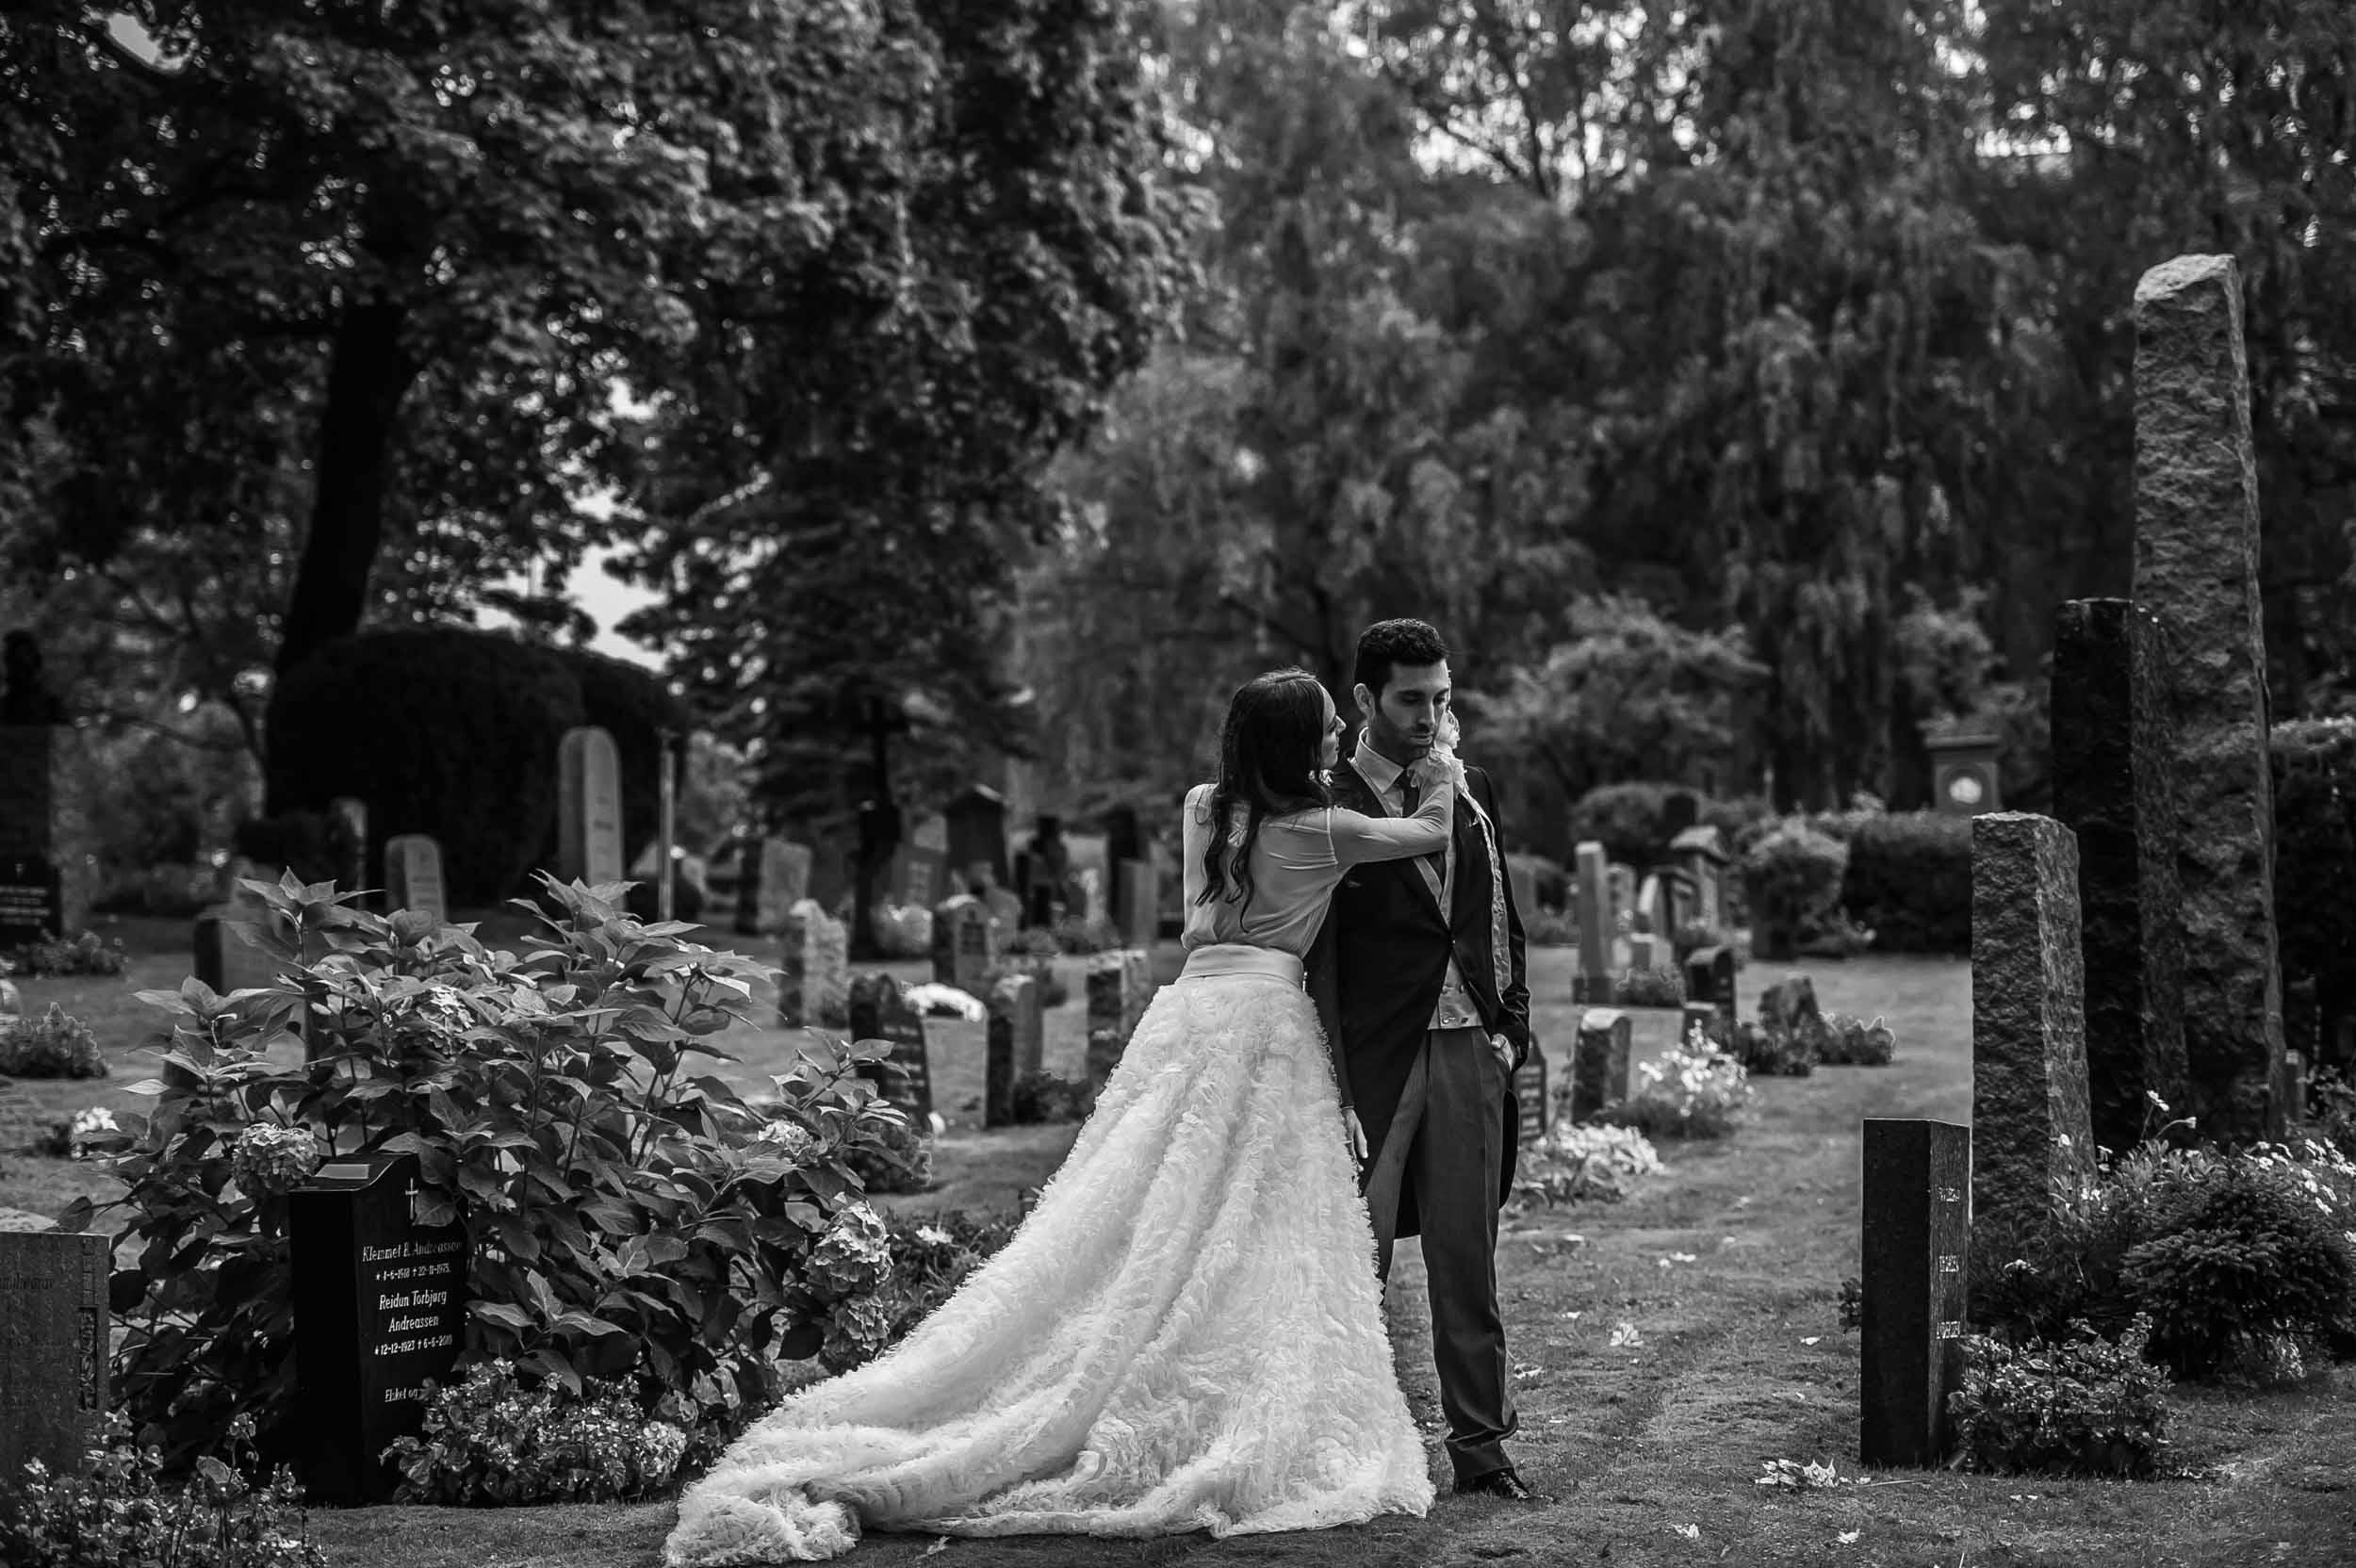 Antonio & Cati Post boda en Noruega. 2017 21